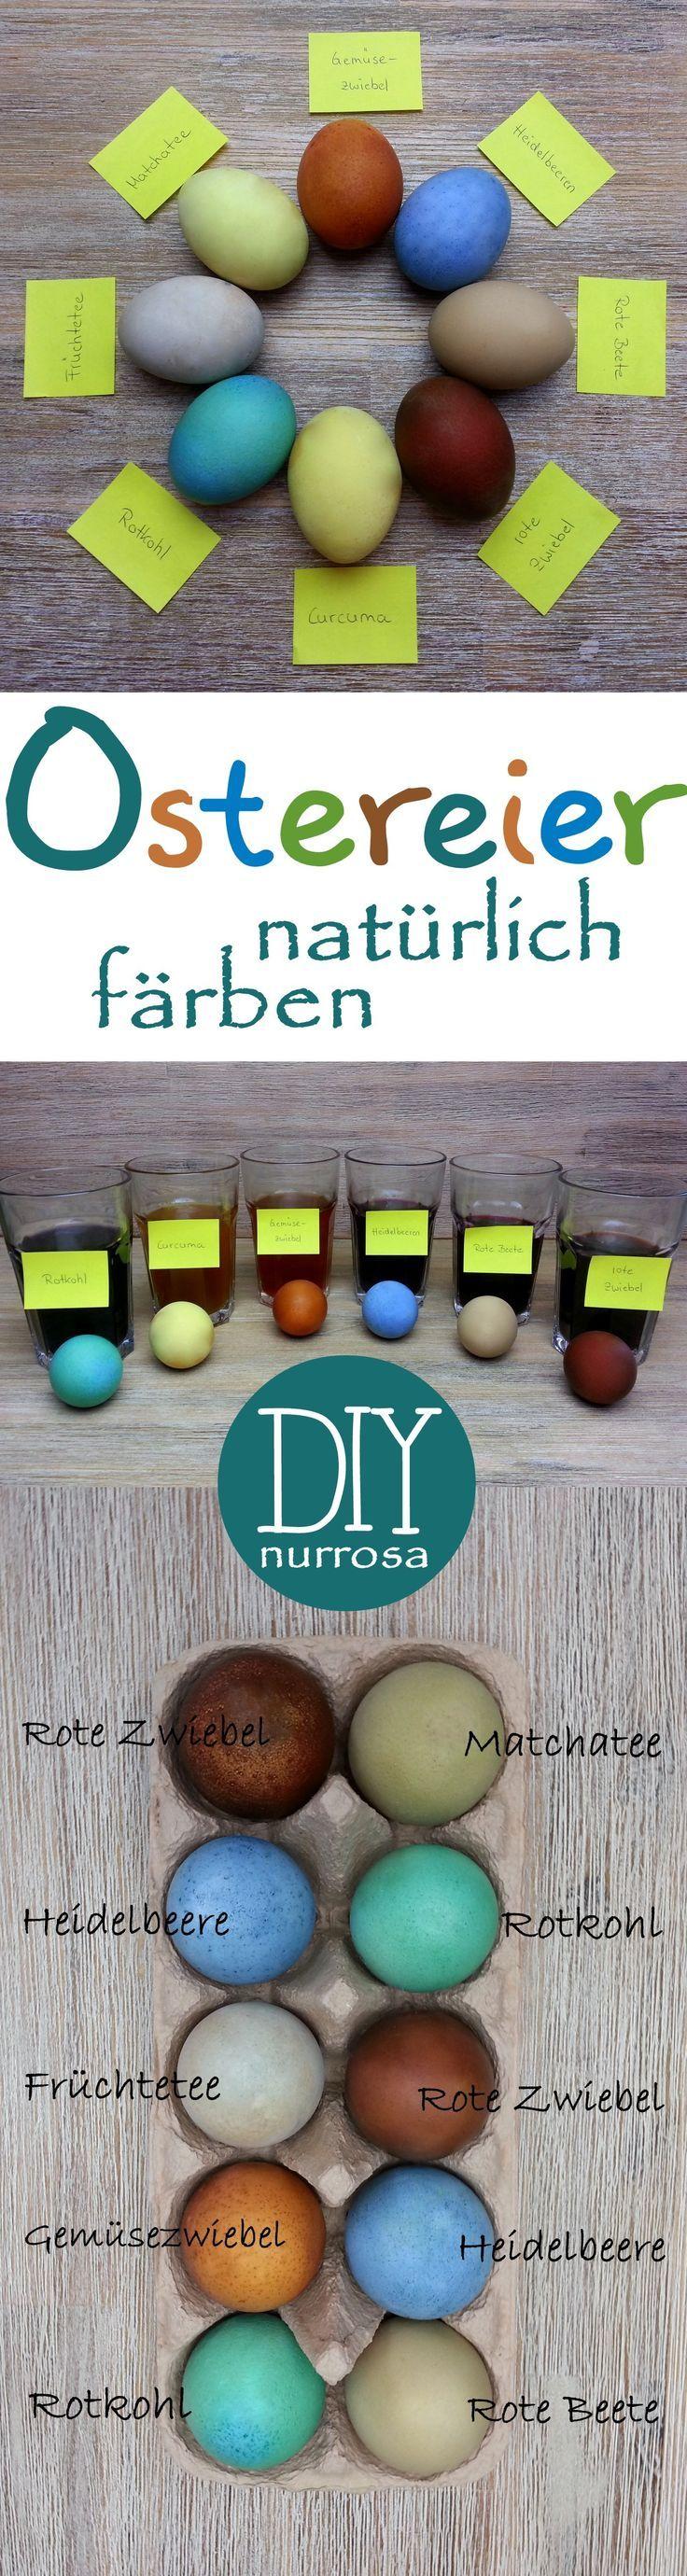 DIY – Ostereier mit Naturfarbe selber färben Wenn ich gewusst hätte wie einfach man Eier mit selbst gemachter Naturfarbe färben kann, hätte ich das ja schon viel früher ausprobiert. Und wir h…